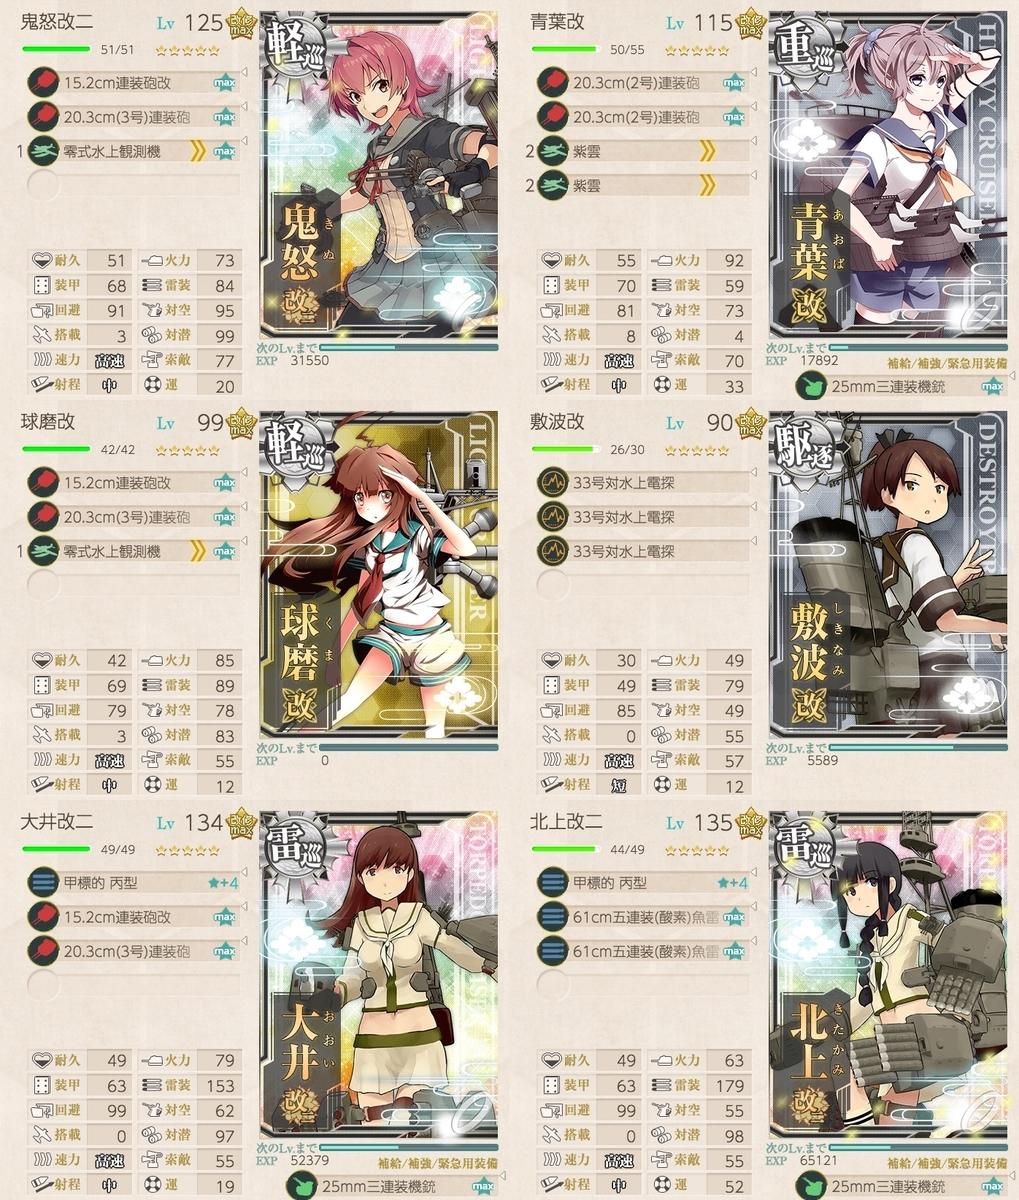 f:id:nameless_admiral:20200207185143j:plain